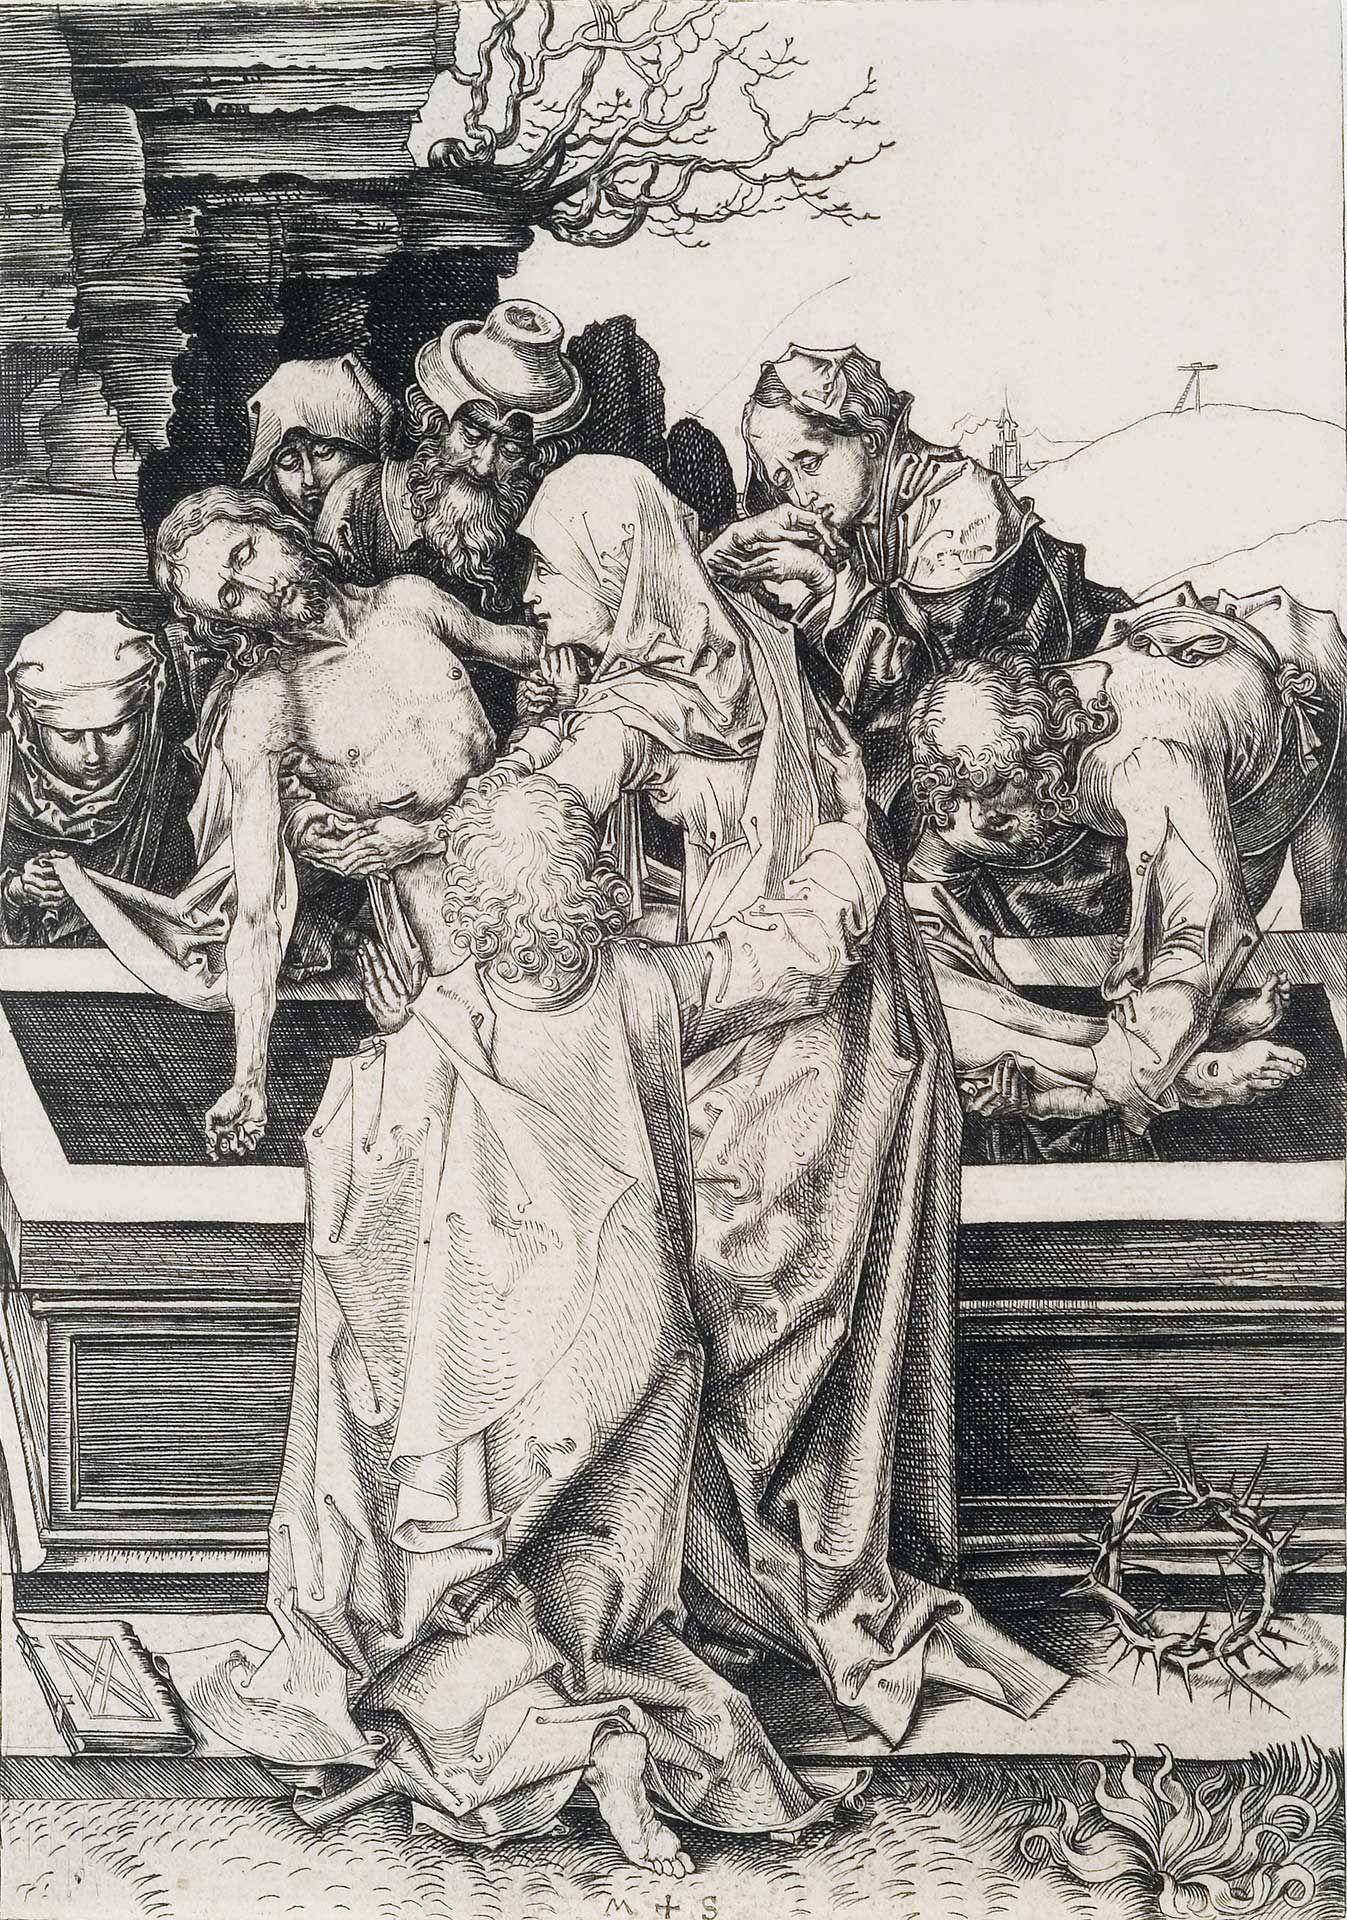 Martin Schongauer (1440/50-1491), La Mise au tombeau, vers ¬1480, burin, état unique. MBAM, achat, fonds anonyme